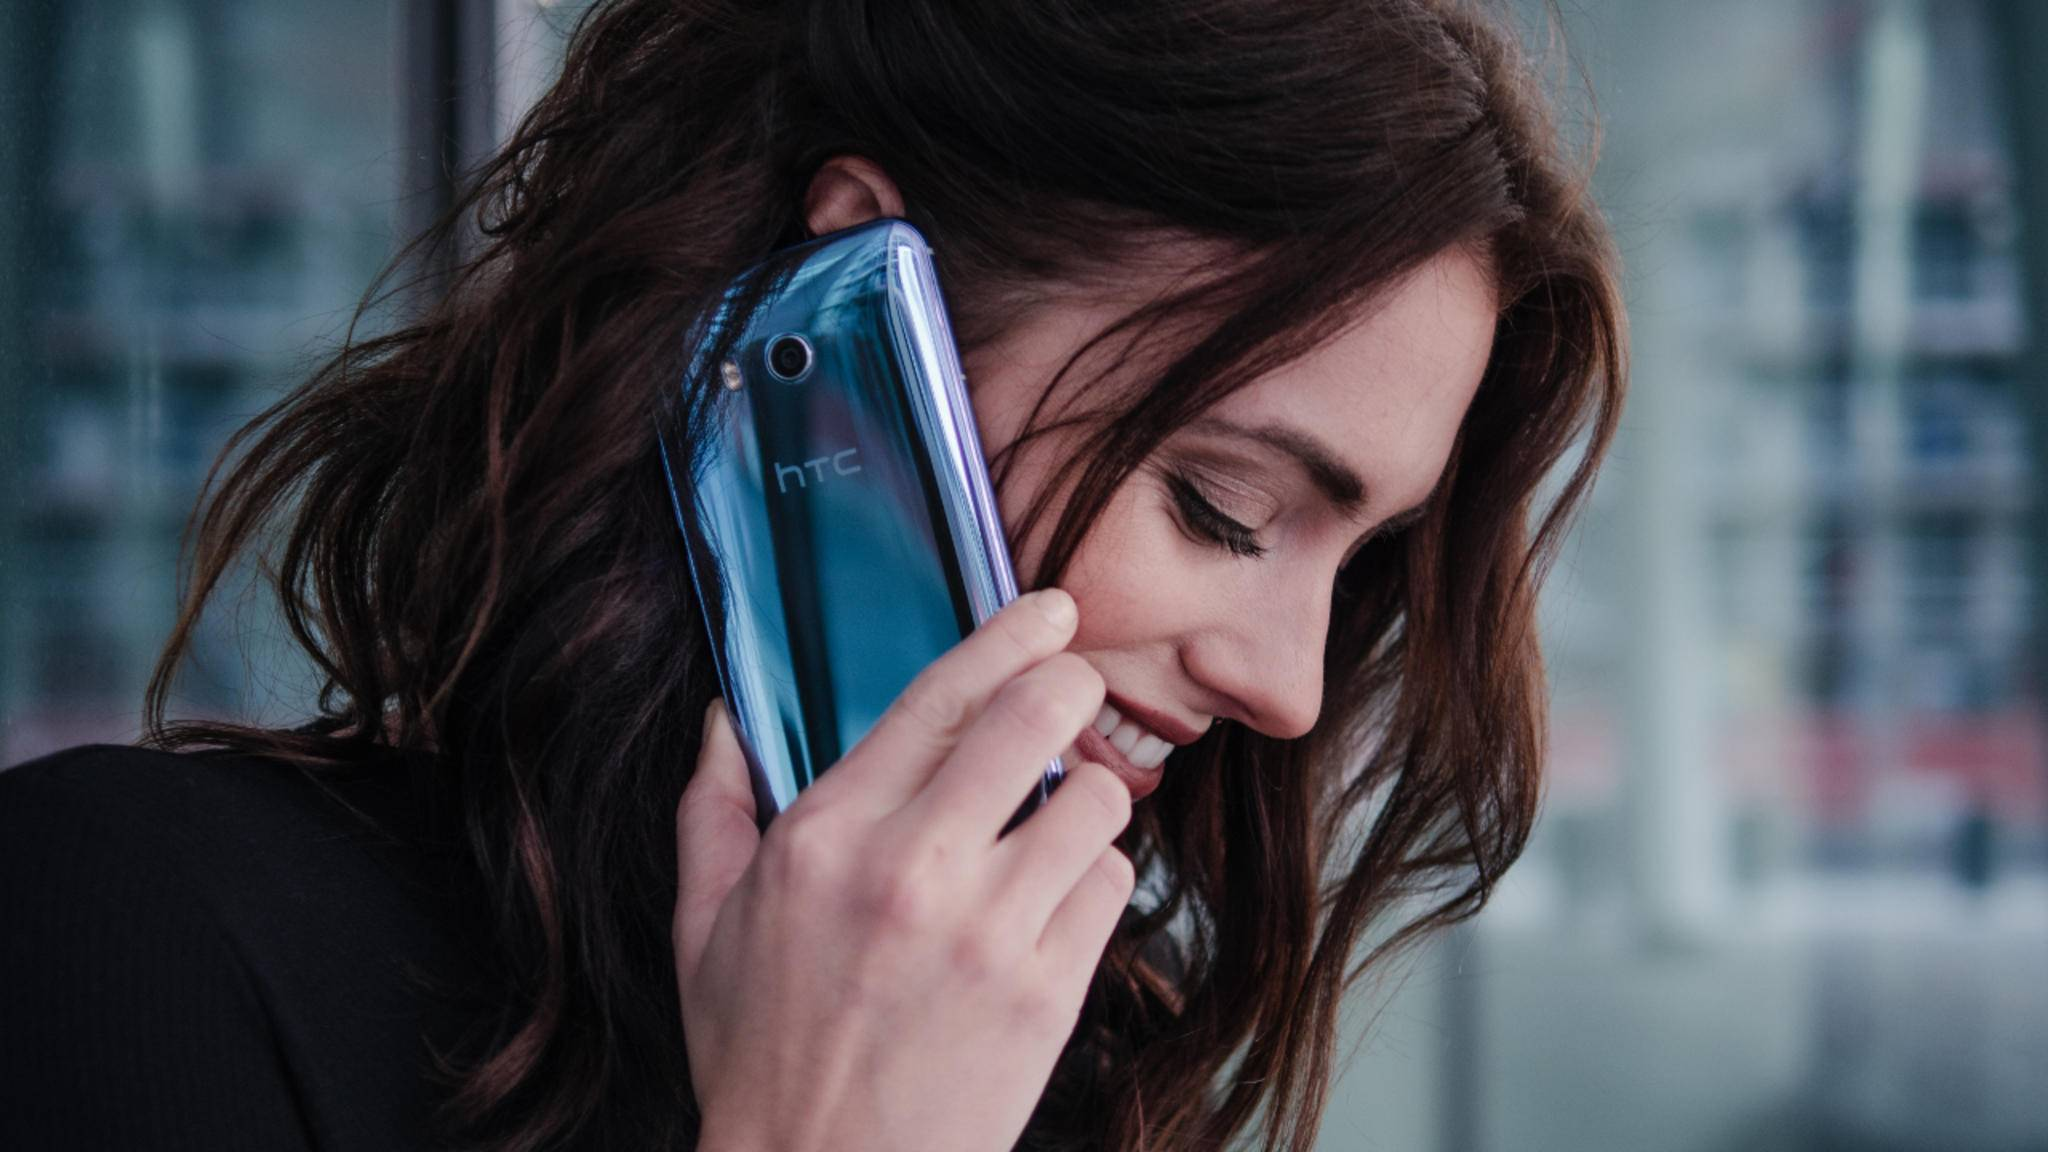 Das HTC U11.